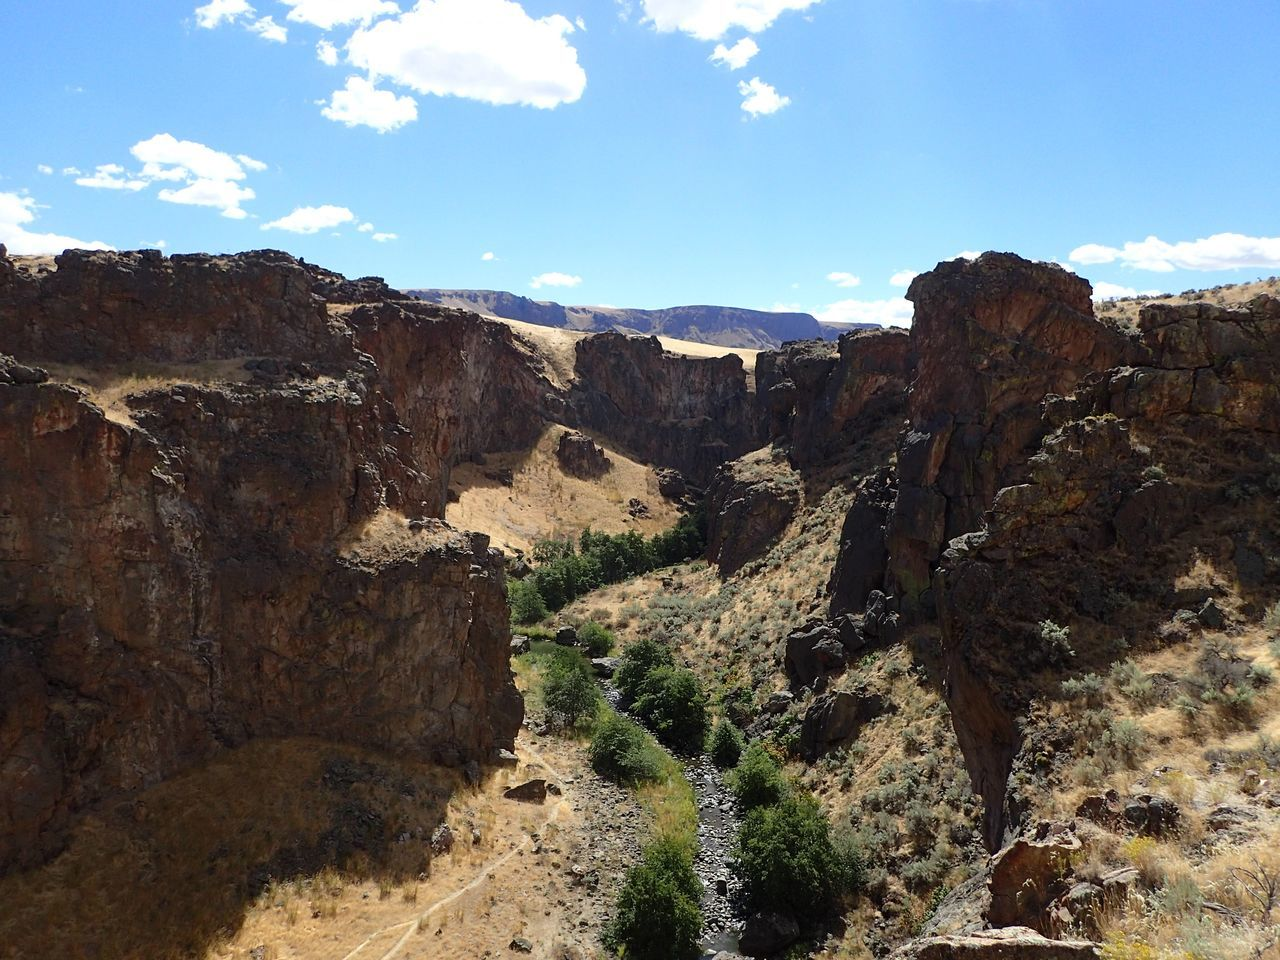 4x4 Oregon Oregonexplored Overland Travel Overlanding Owyhee Owyhee Canyon Wndrlst